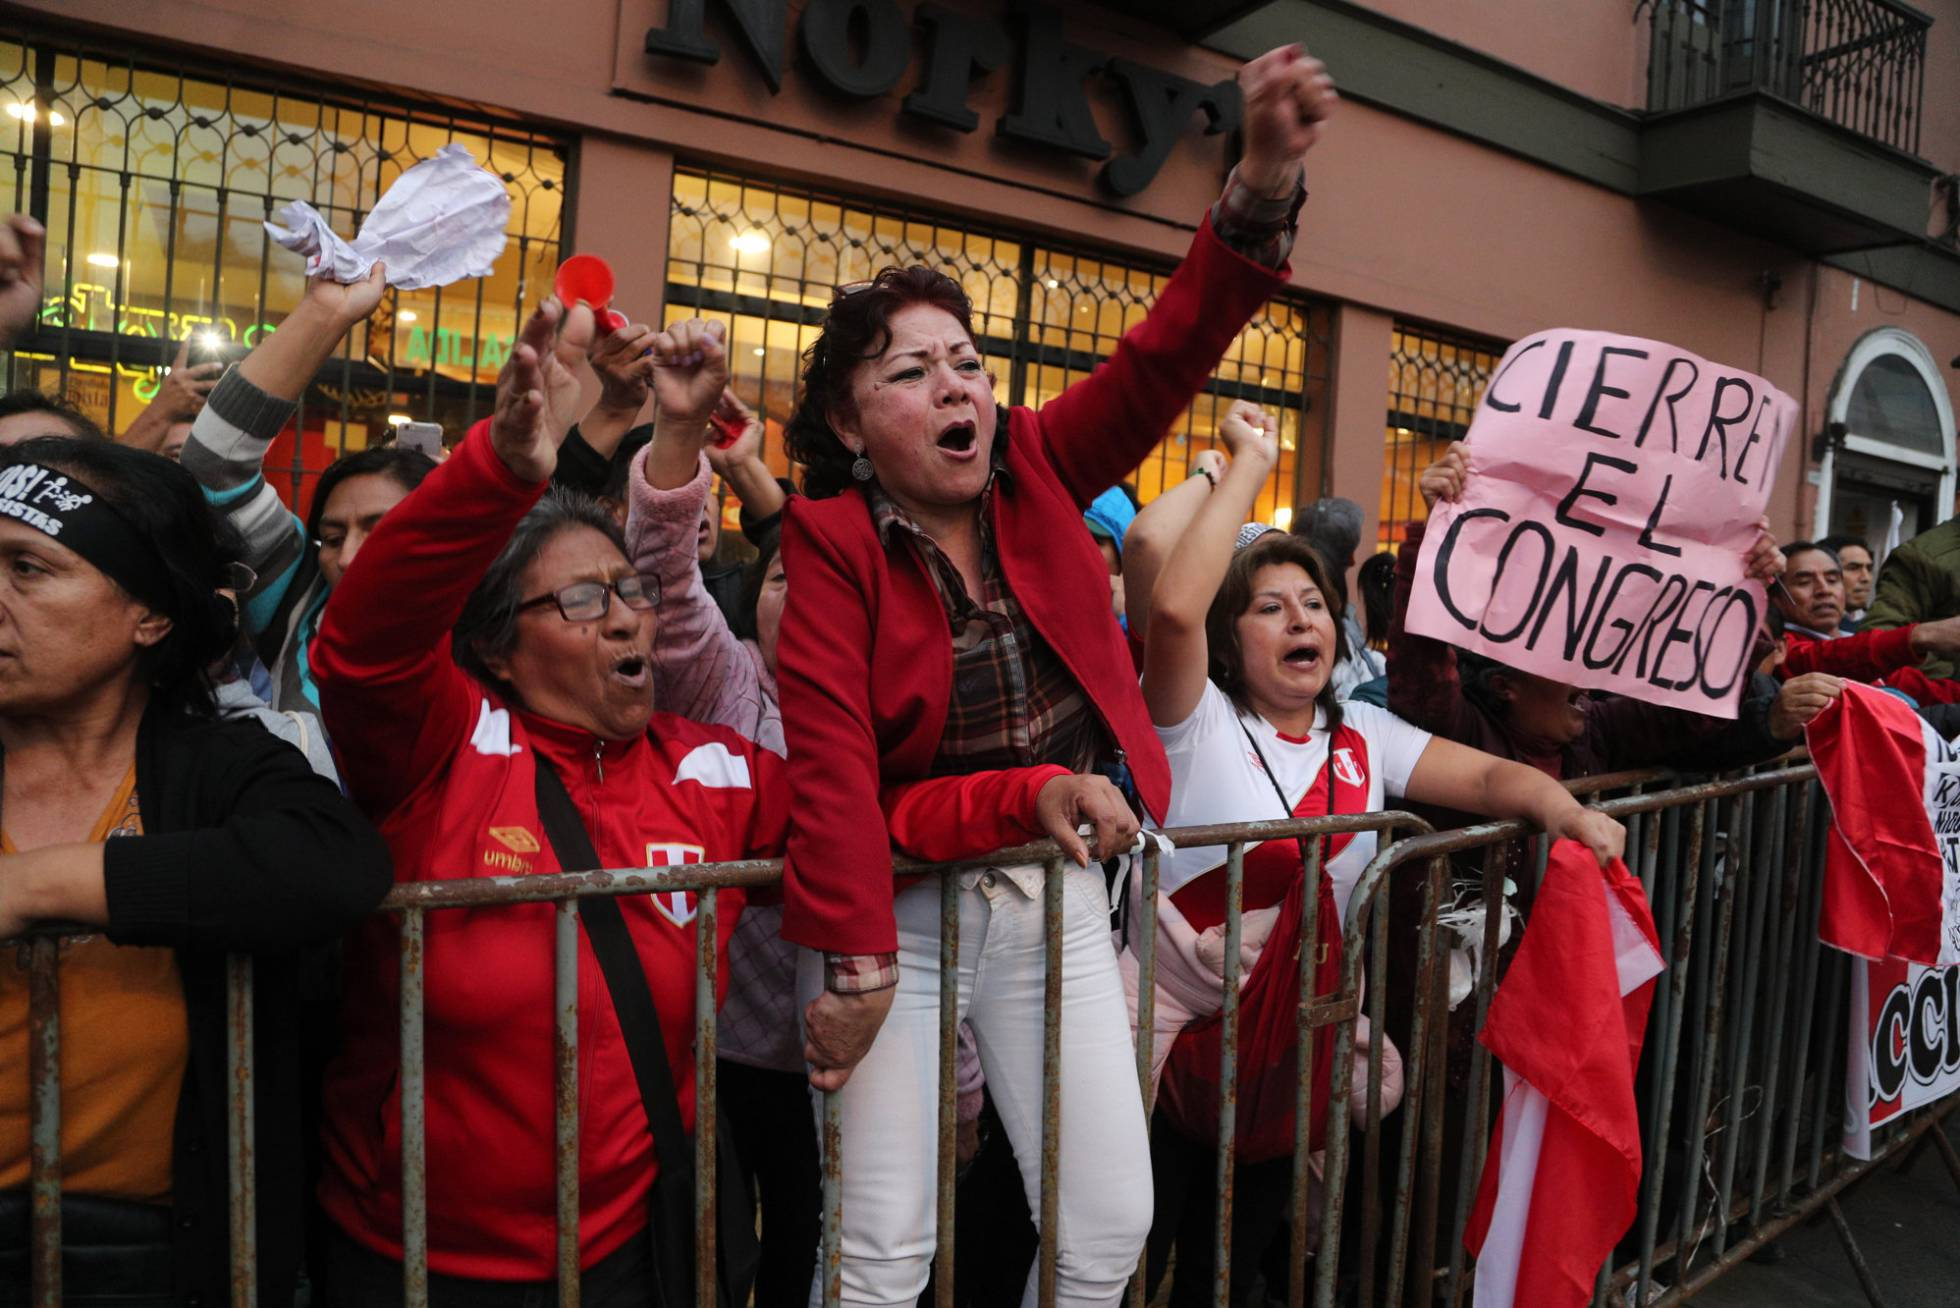 El presidente de Perú disuelve el Congreso y convoca elecciones parlamentarias